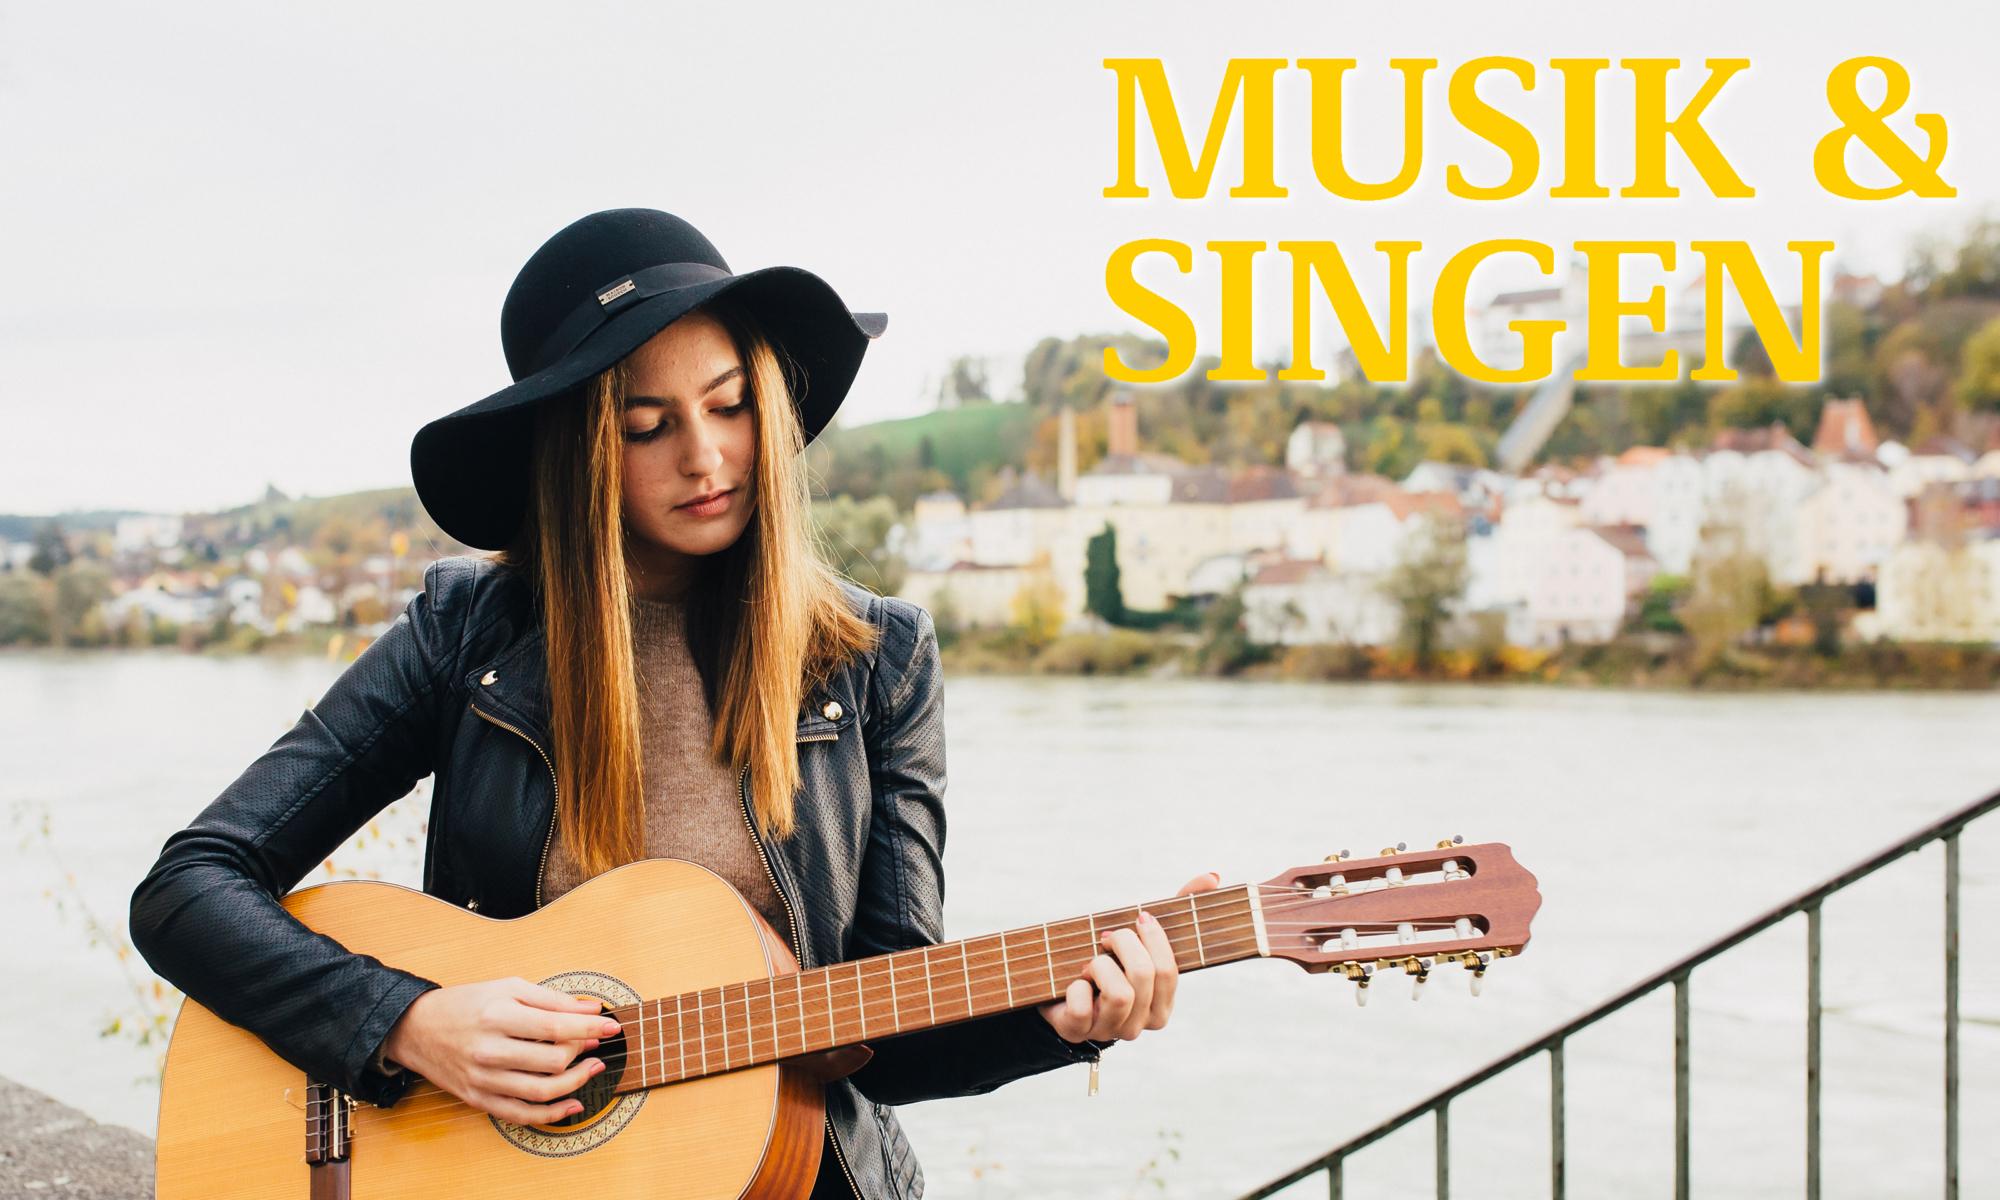 Werglaubtistnieallein21 musik und singen3